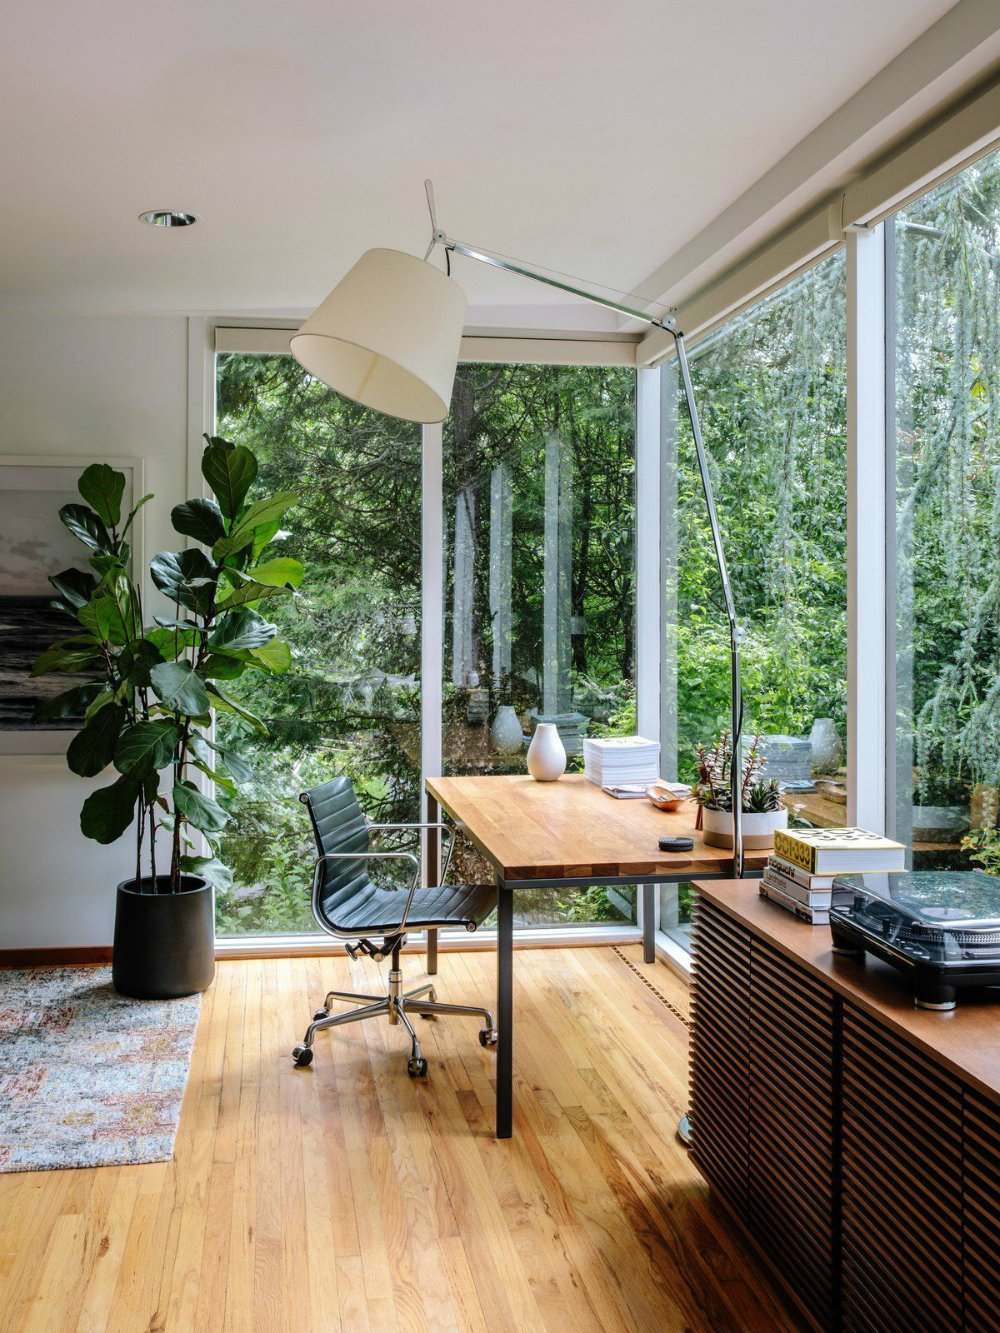 Aprovecha lámparas de pie que tengas en casa para iluminar esta zona, si además puedes situarla cerca de una ventana tendrás iluminación natural garantizada durante buena parte del día